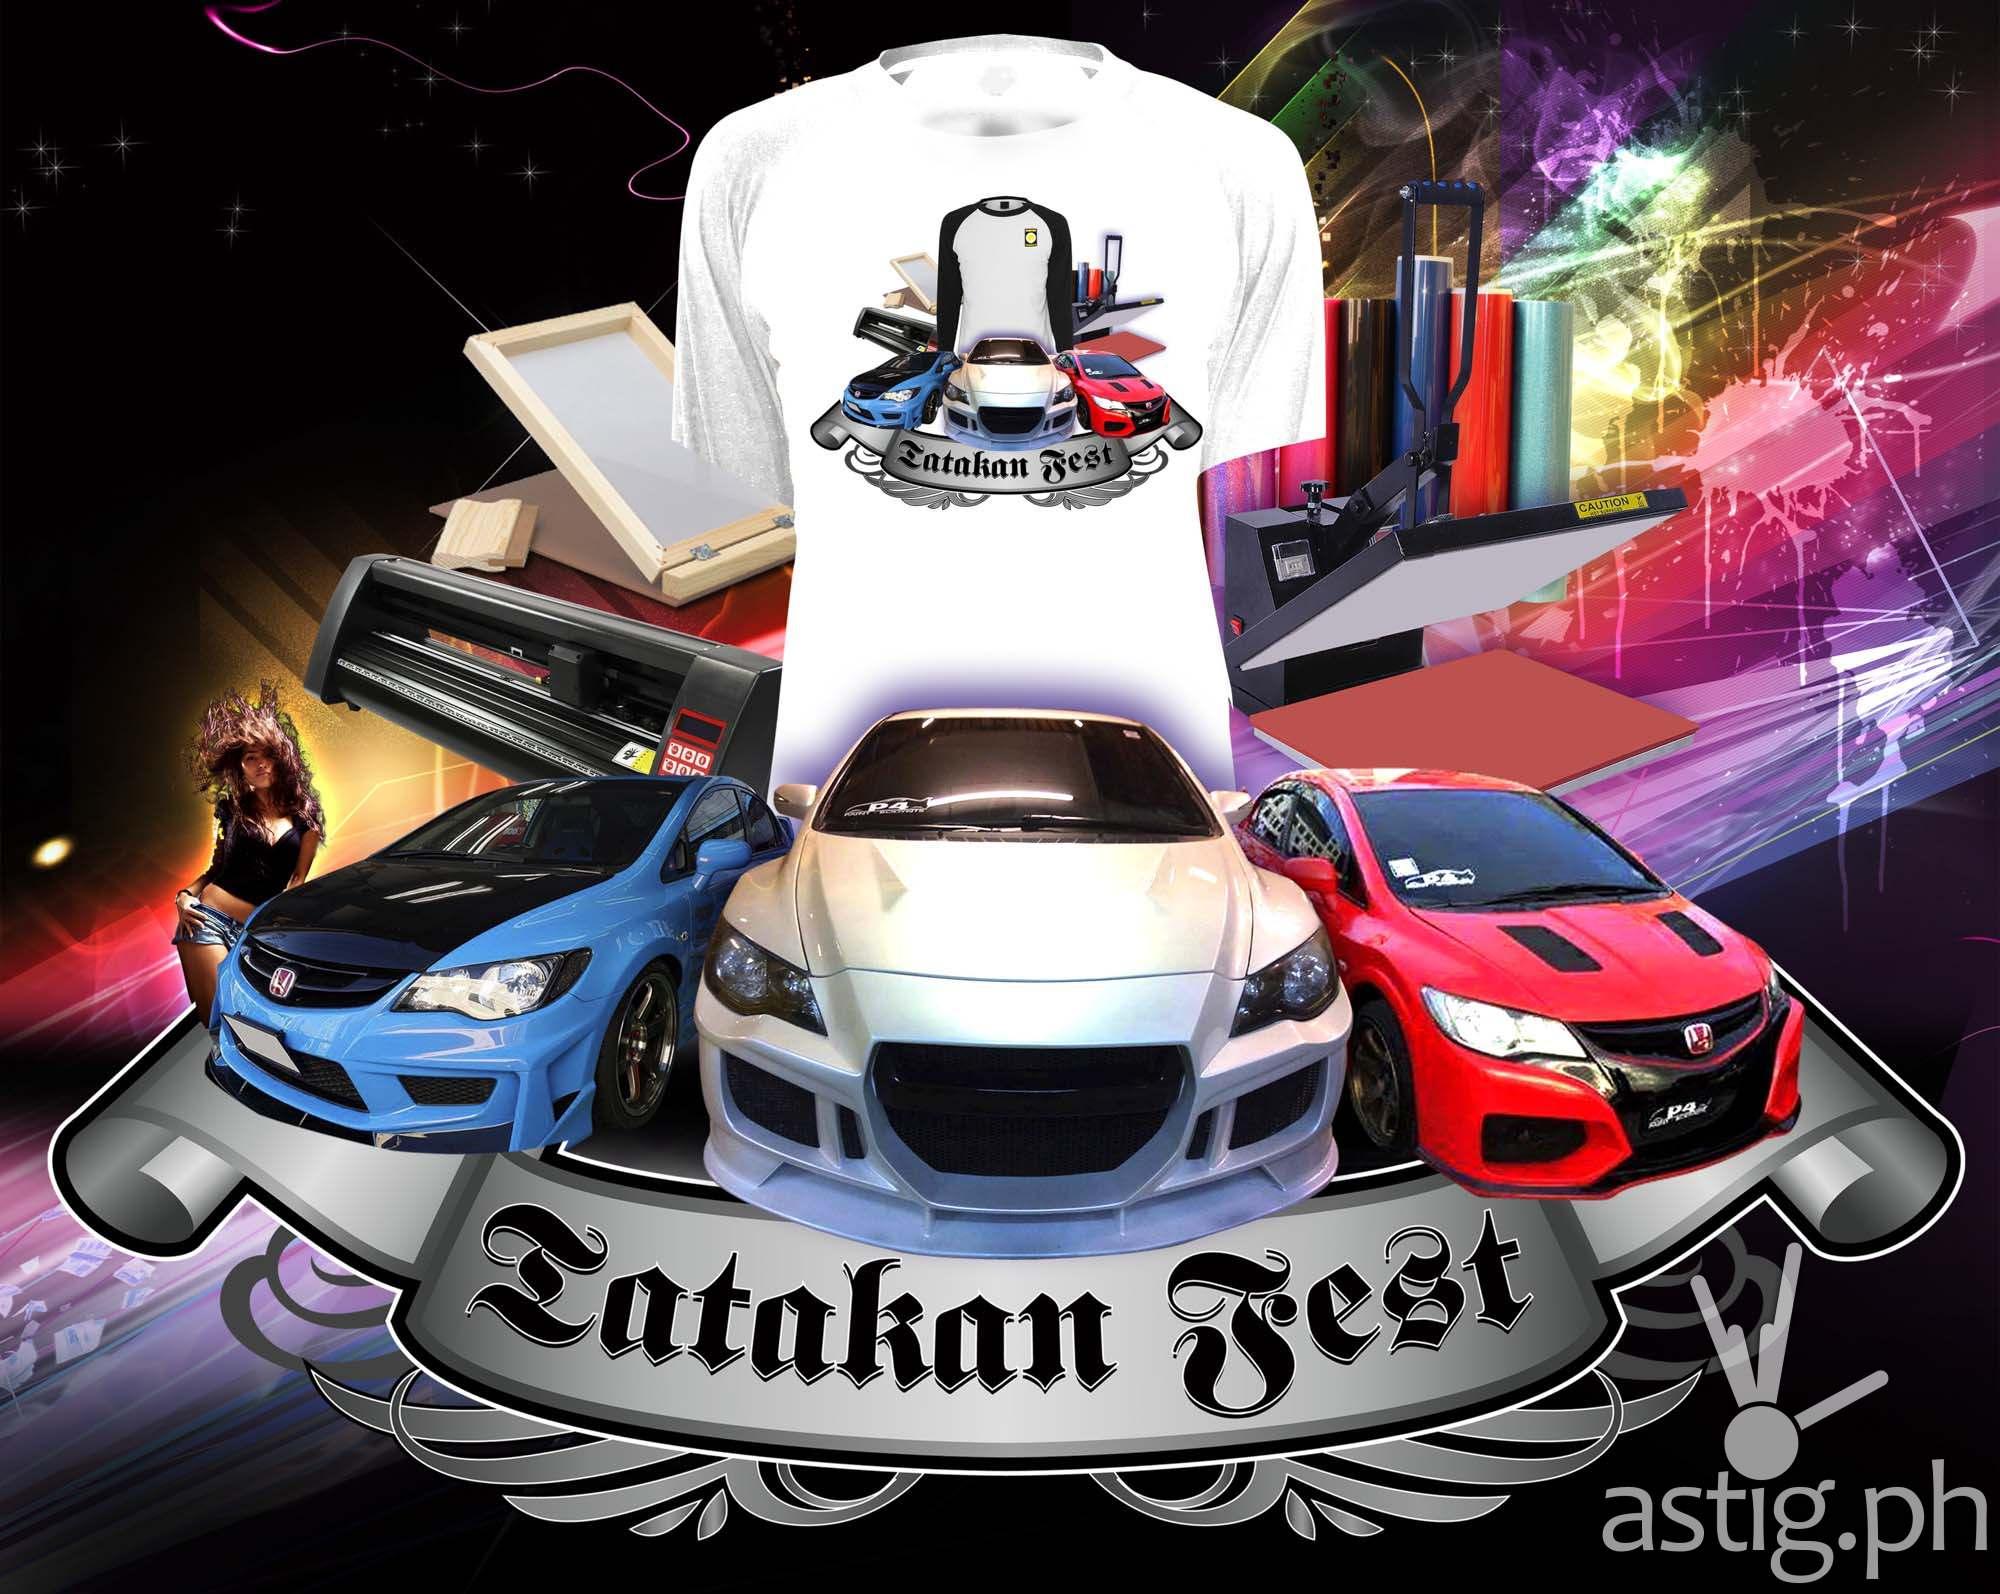 Tatakan Fest 2015